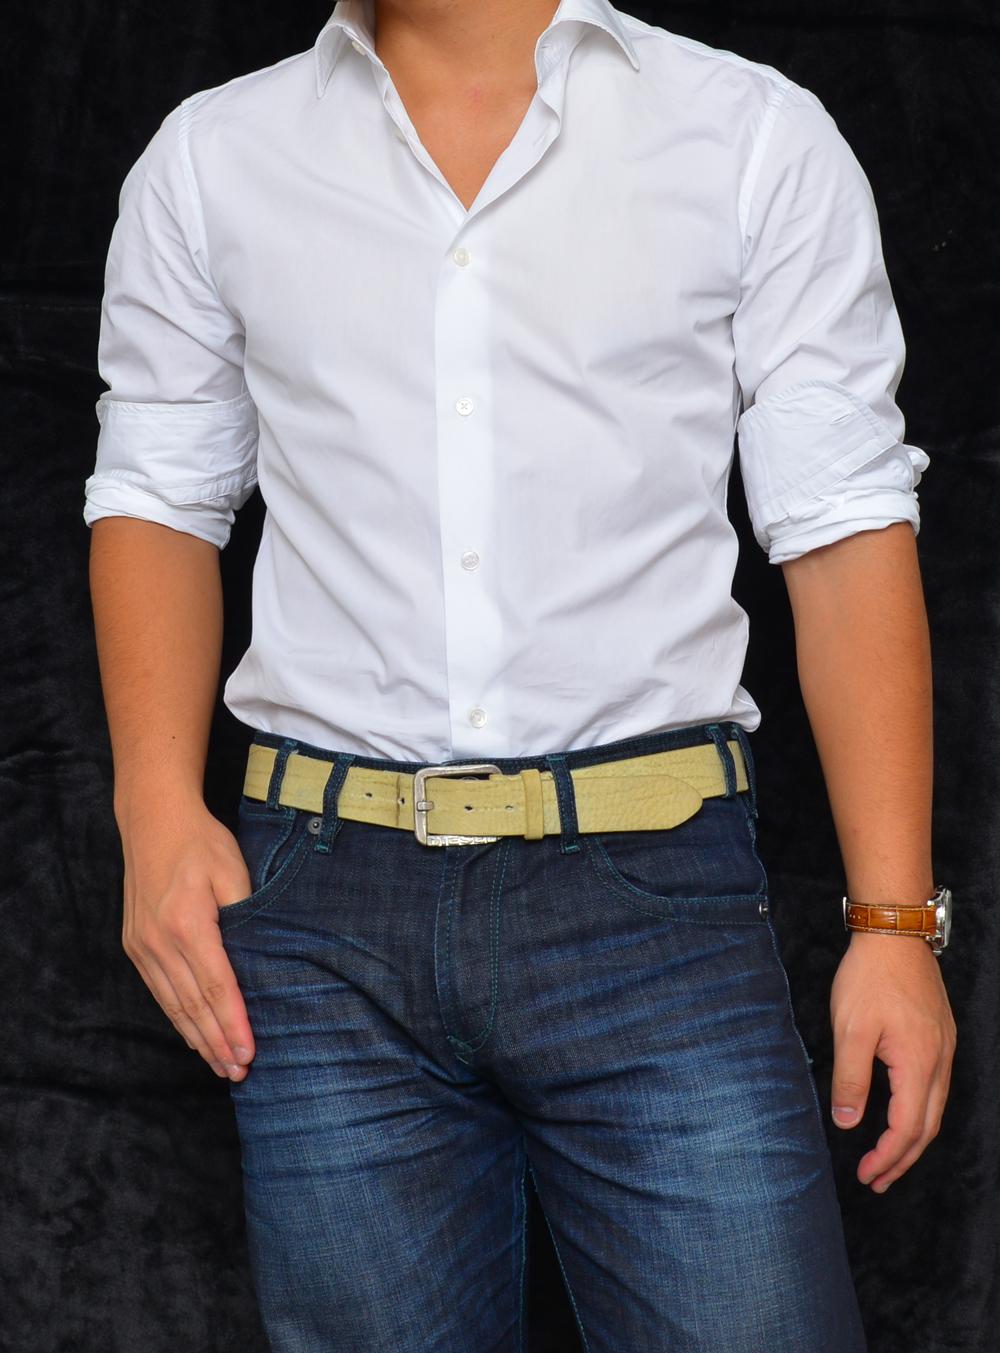 jacket-shirts-style19